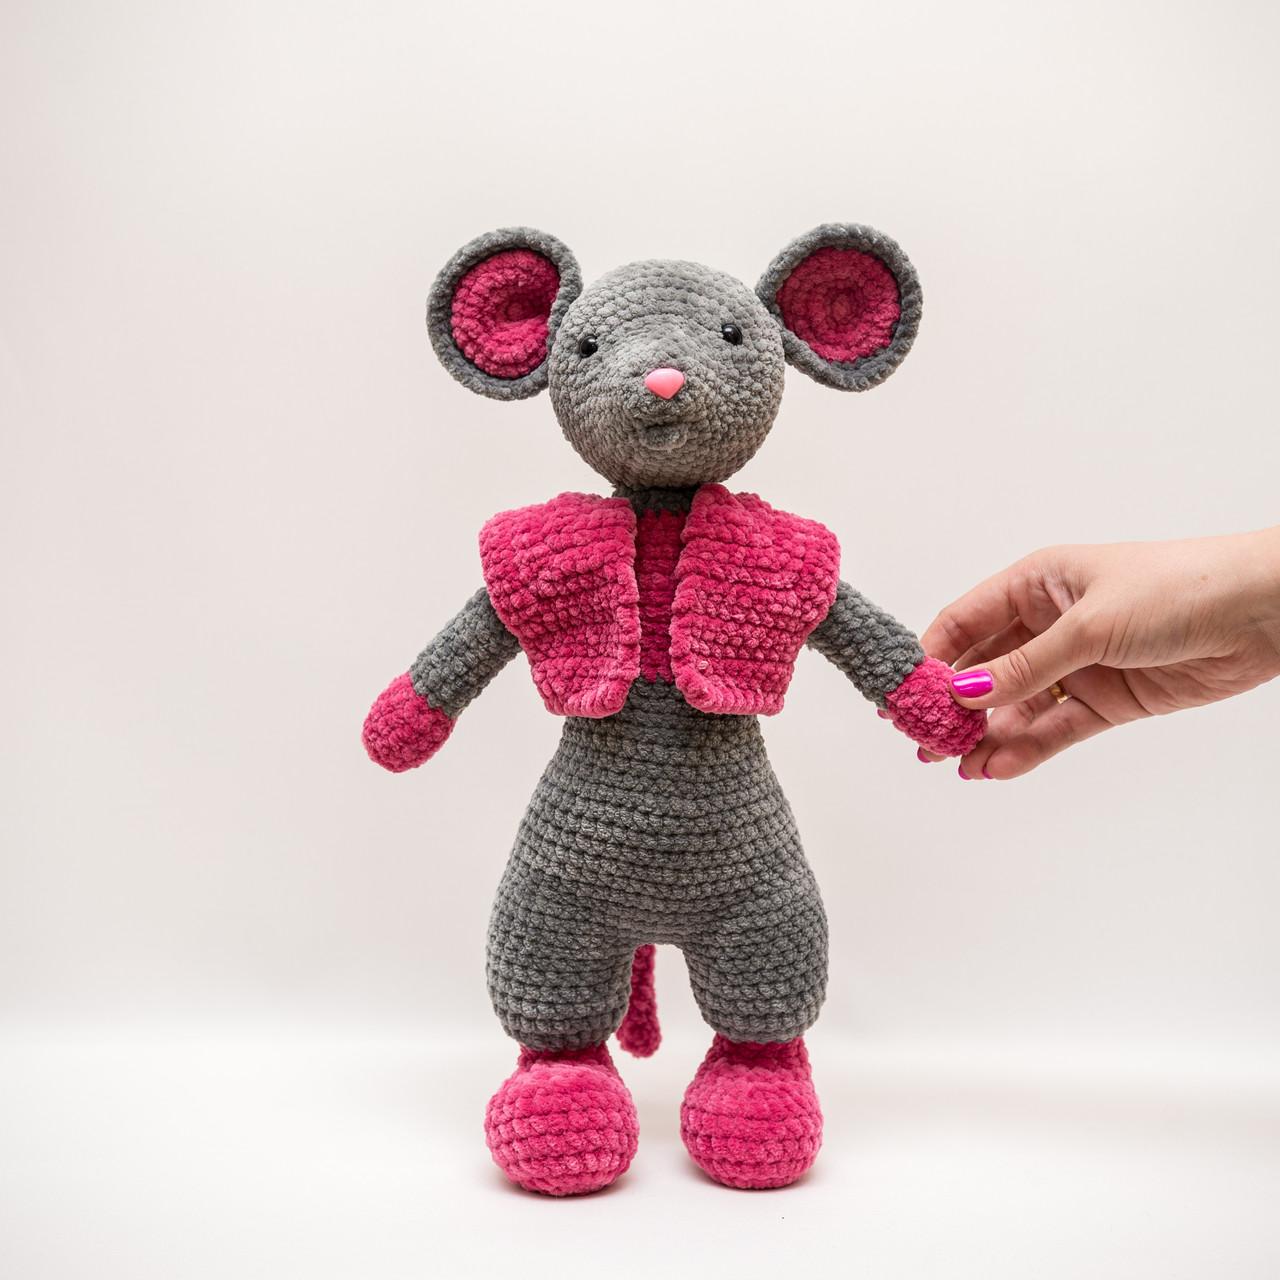 Мышка в жилетке Vikamade вязанные игрушки от Танюшки